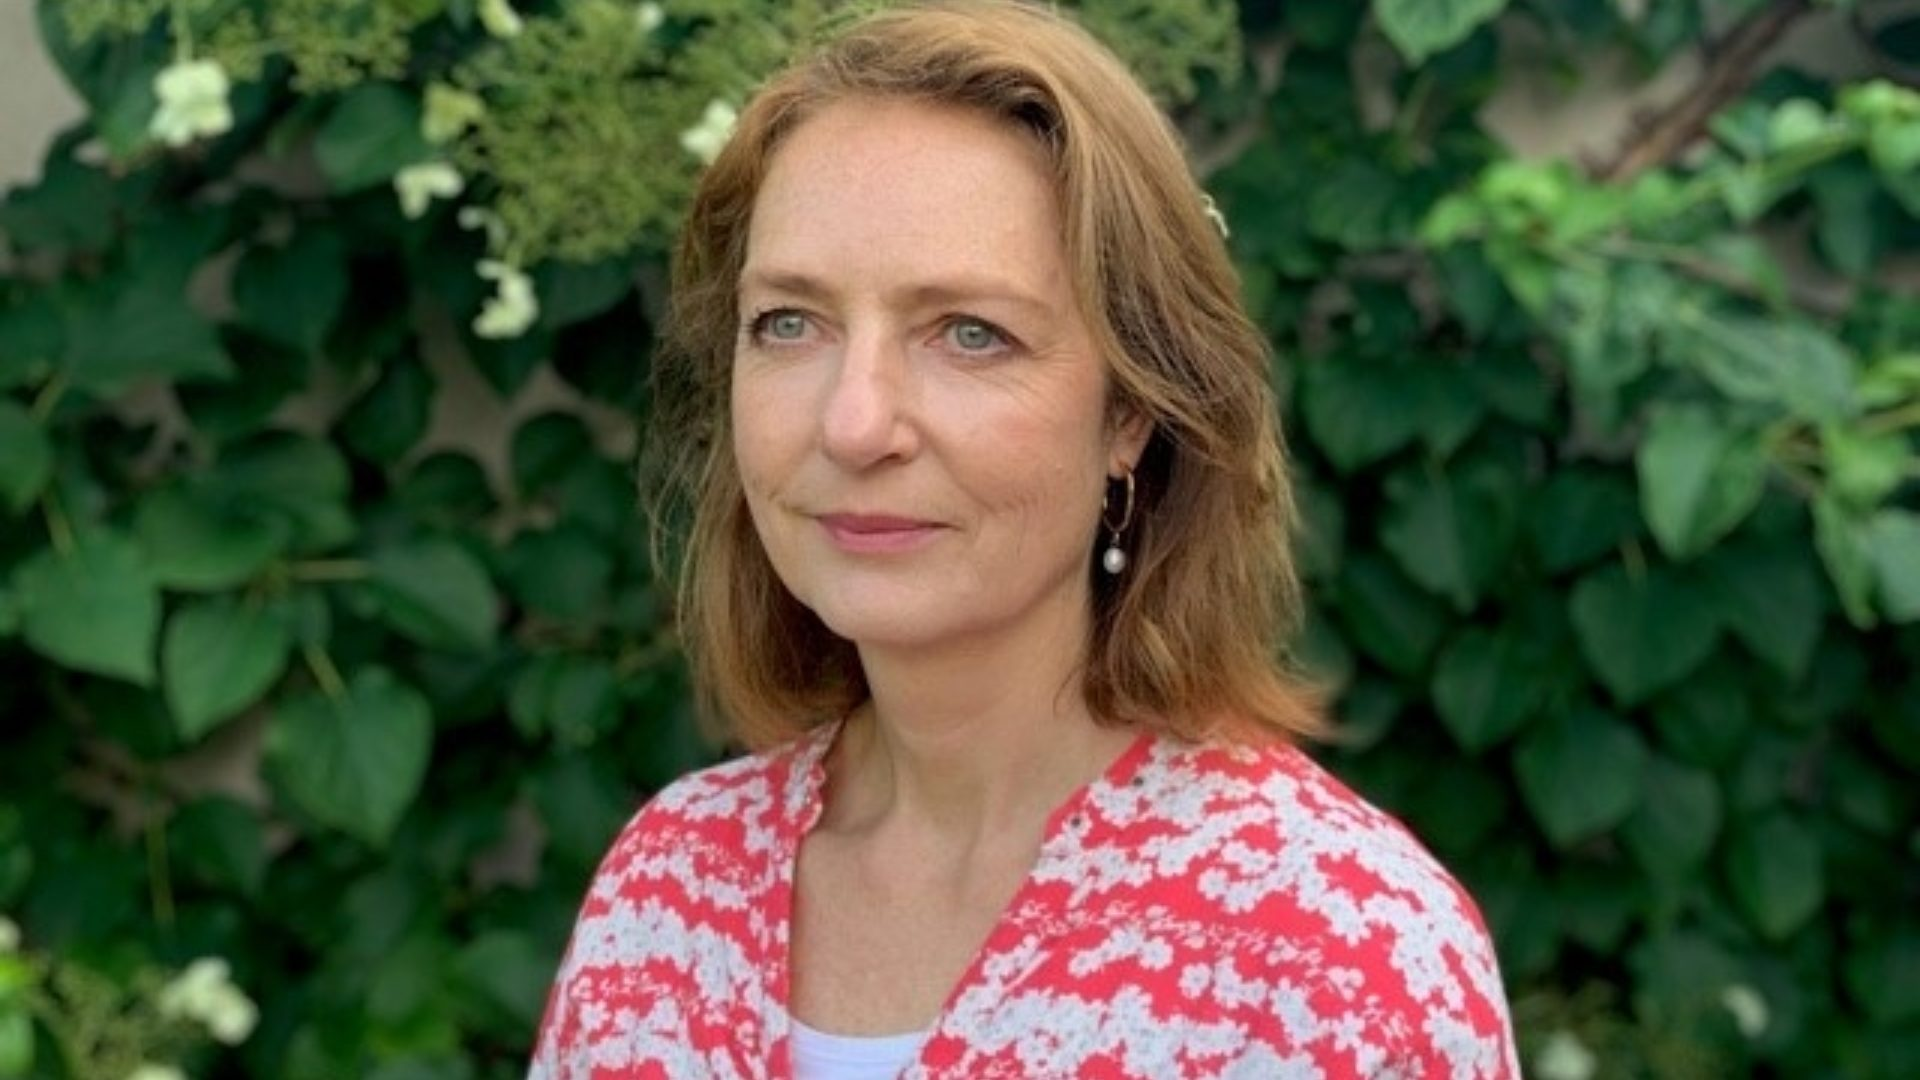 Kate Sanders